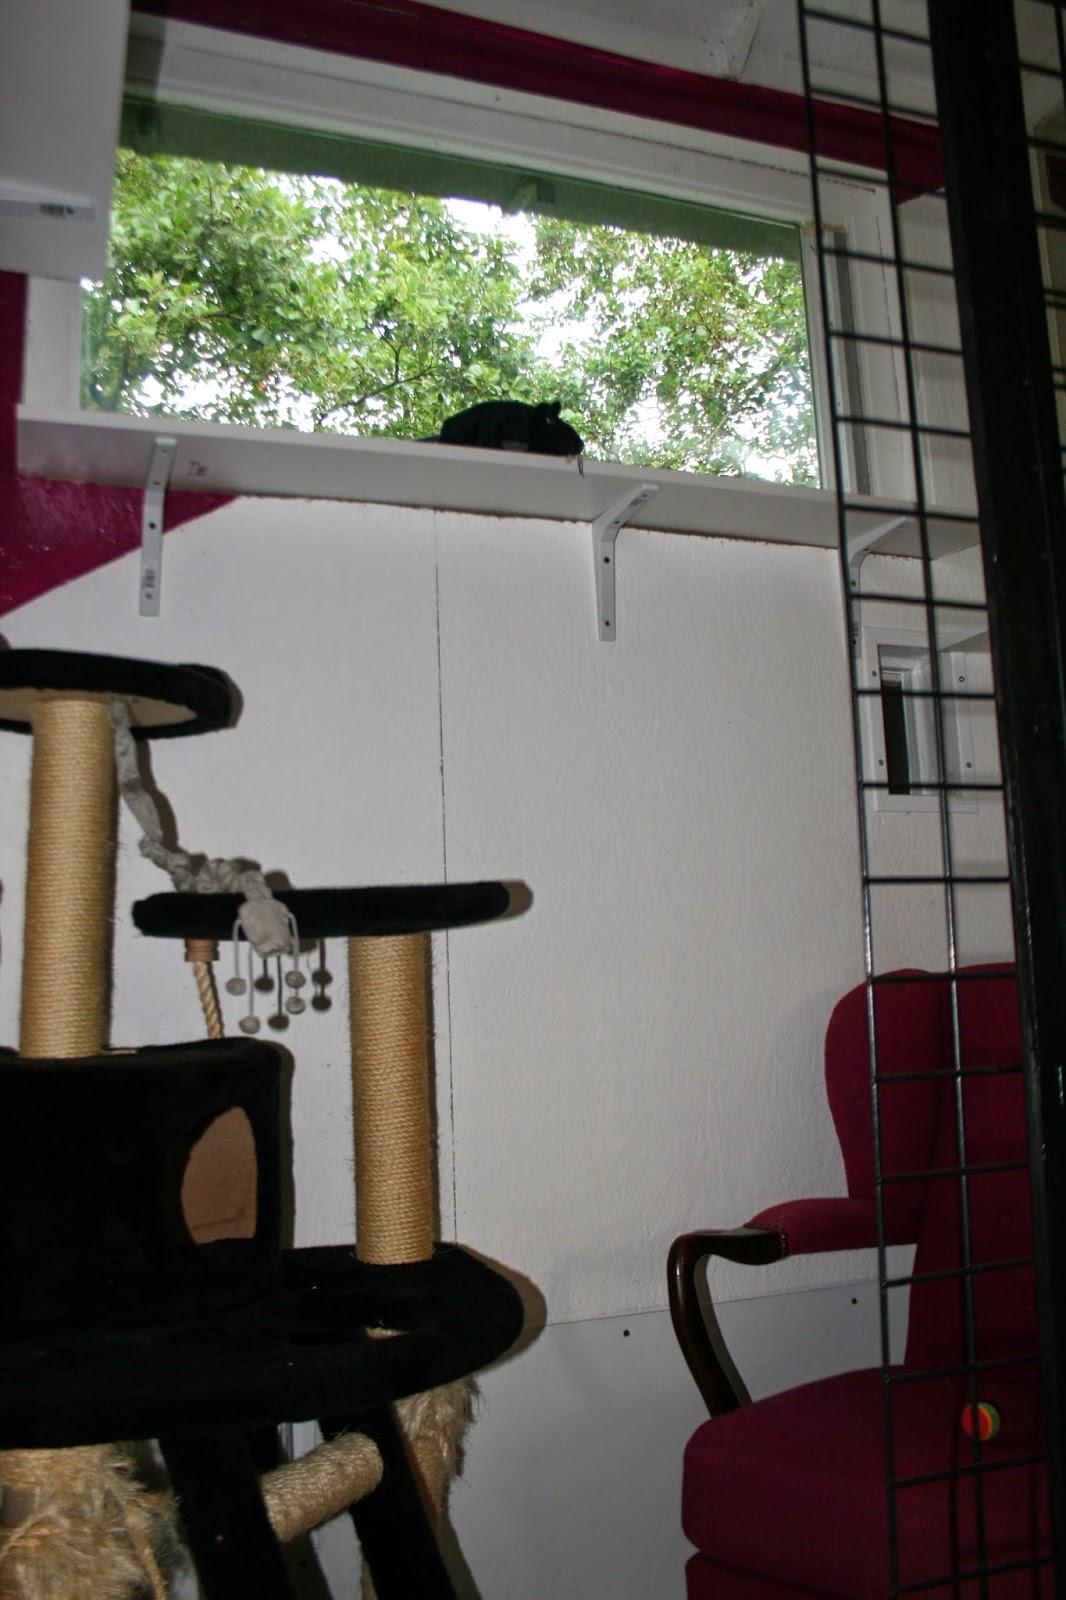 Katten in de wilg: even tussendoor, geen katjesnieuws maar wel ...